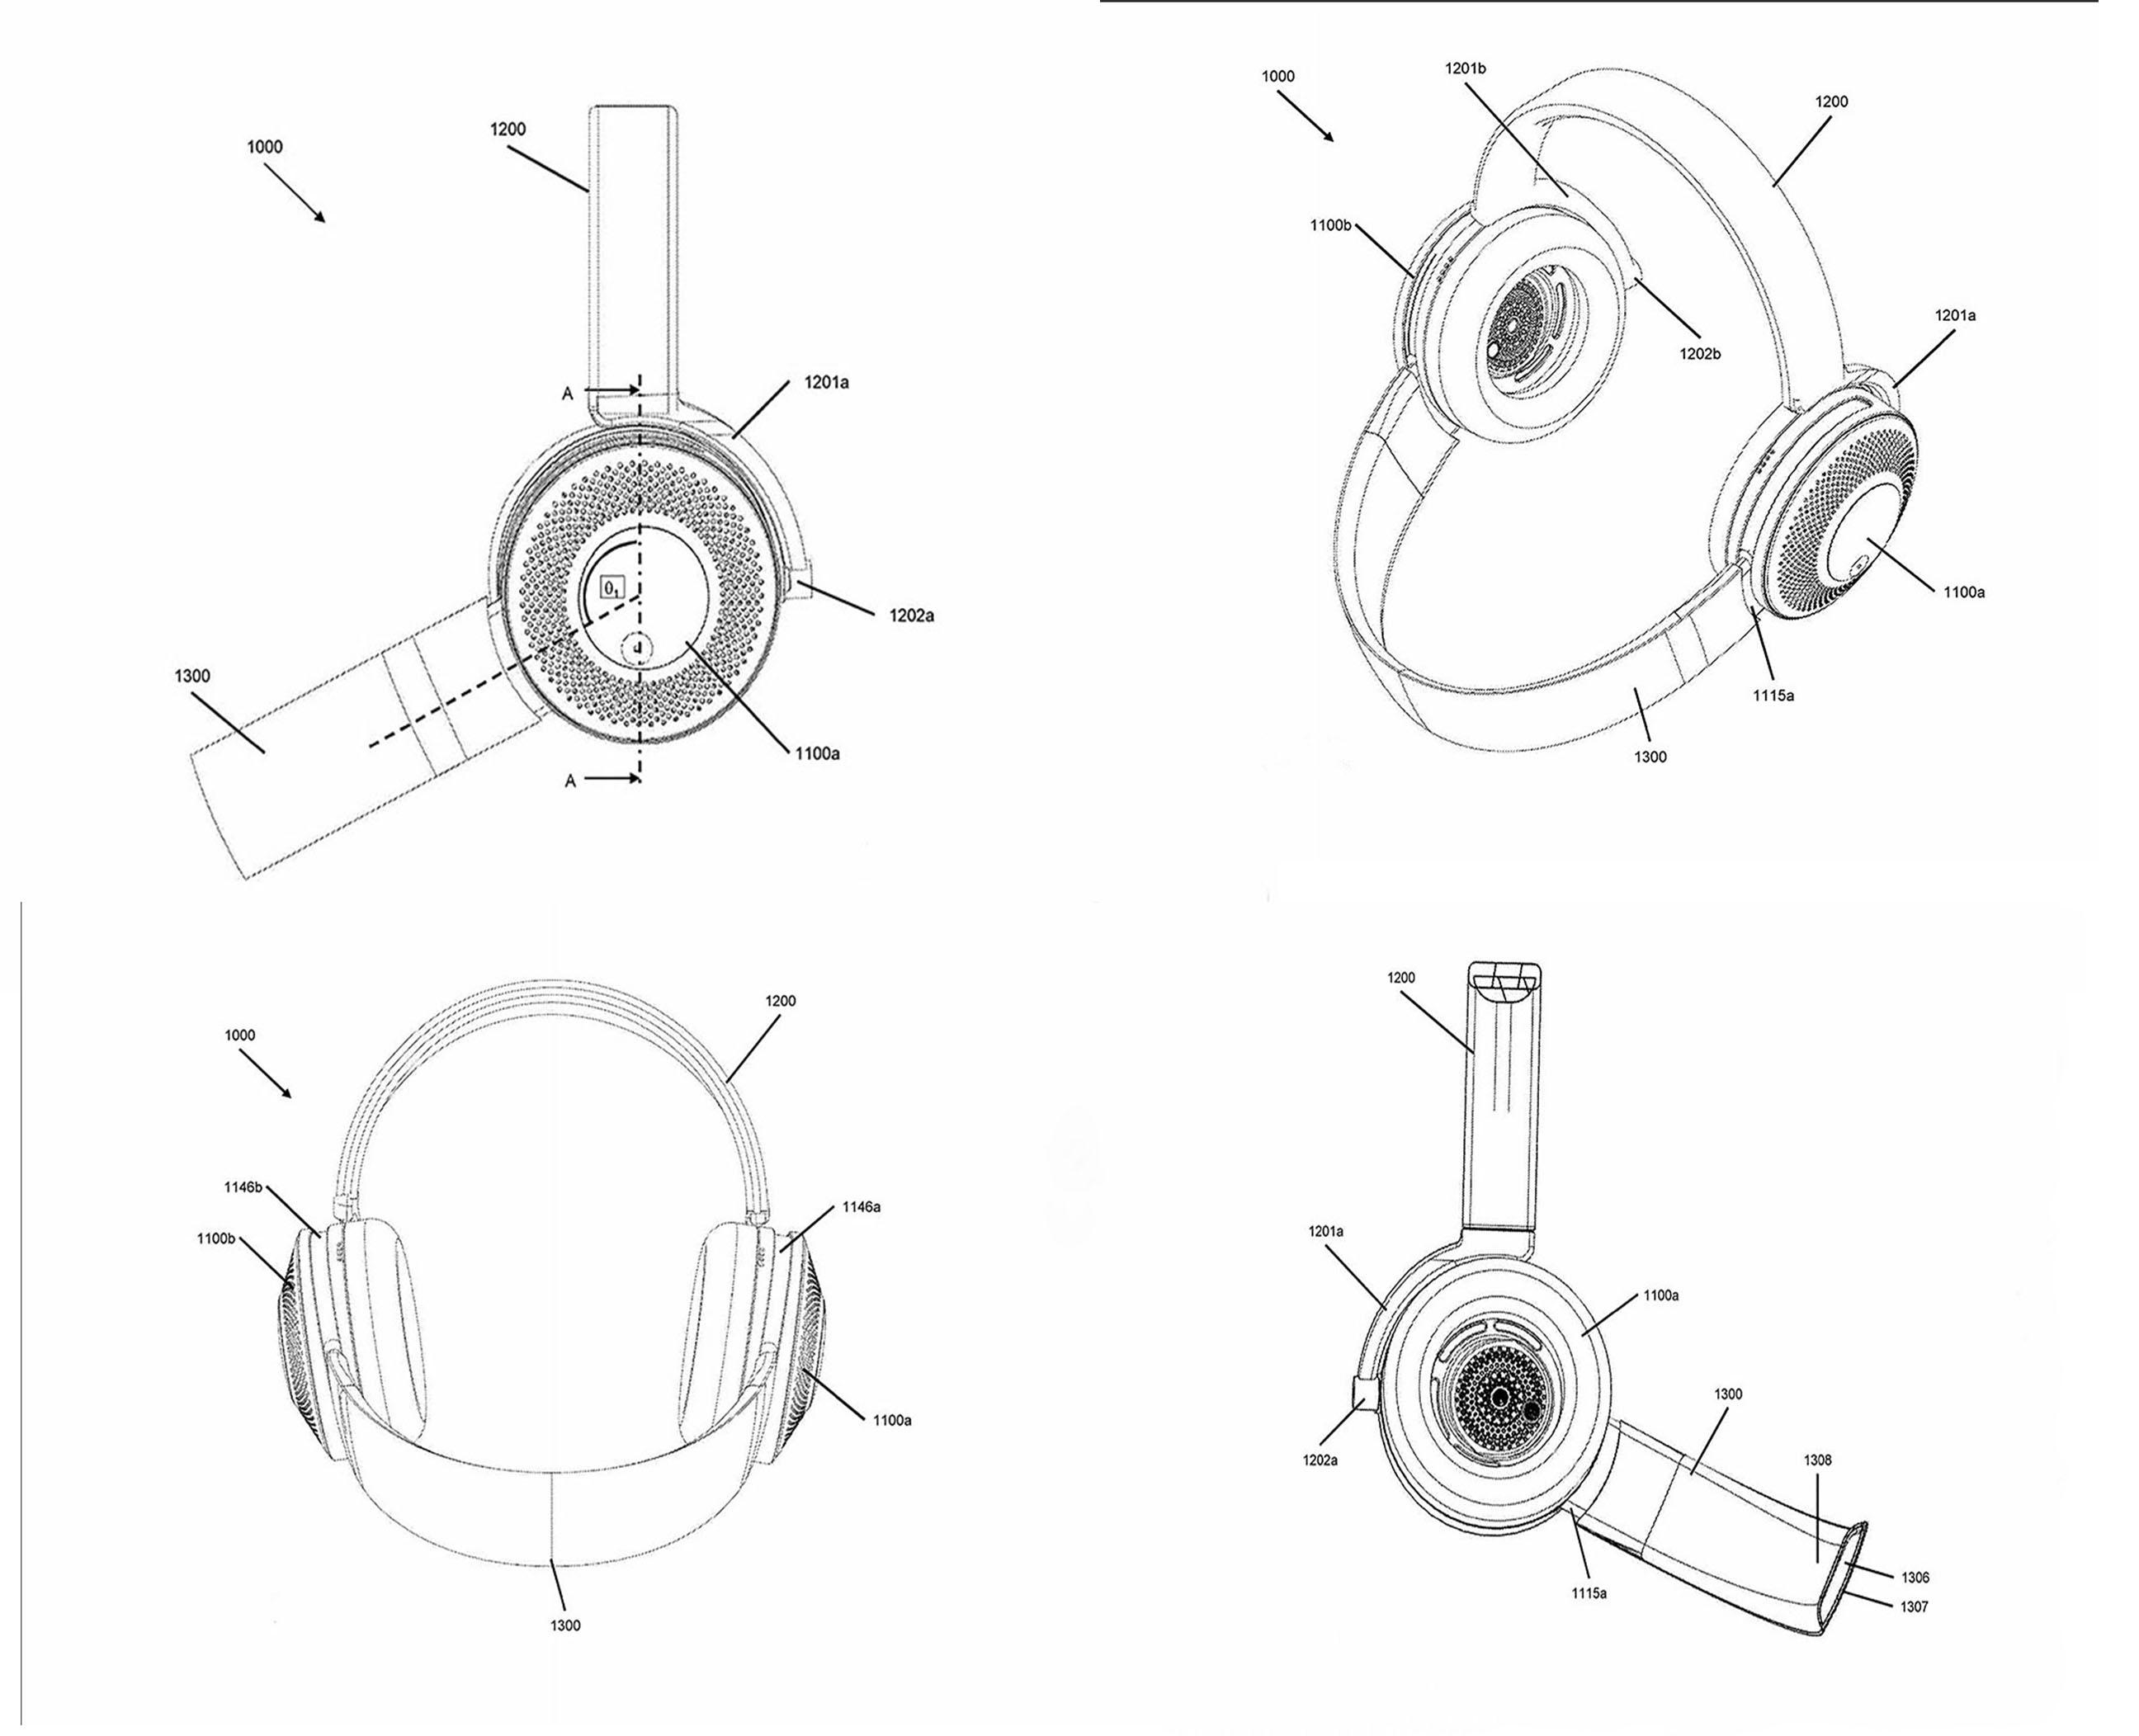 Dyson vraagt patent aan voor koptelefoon met luchtzuivering